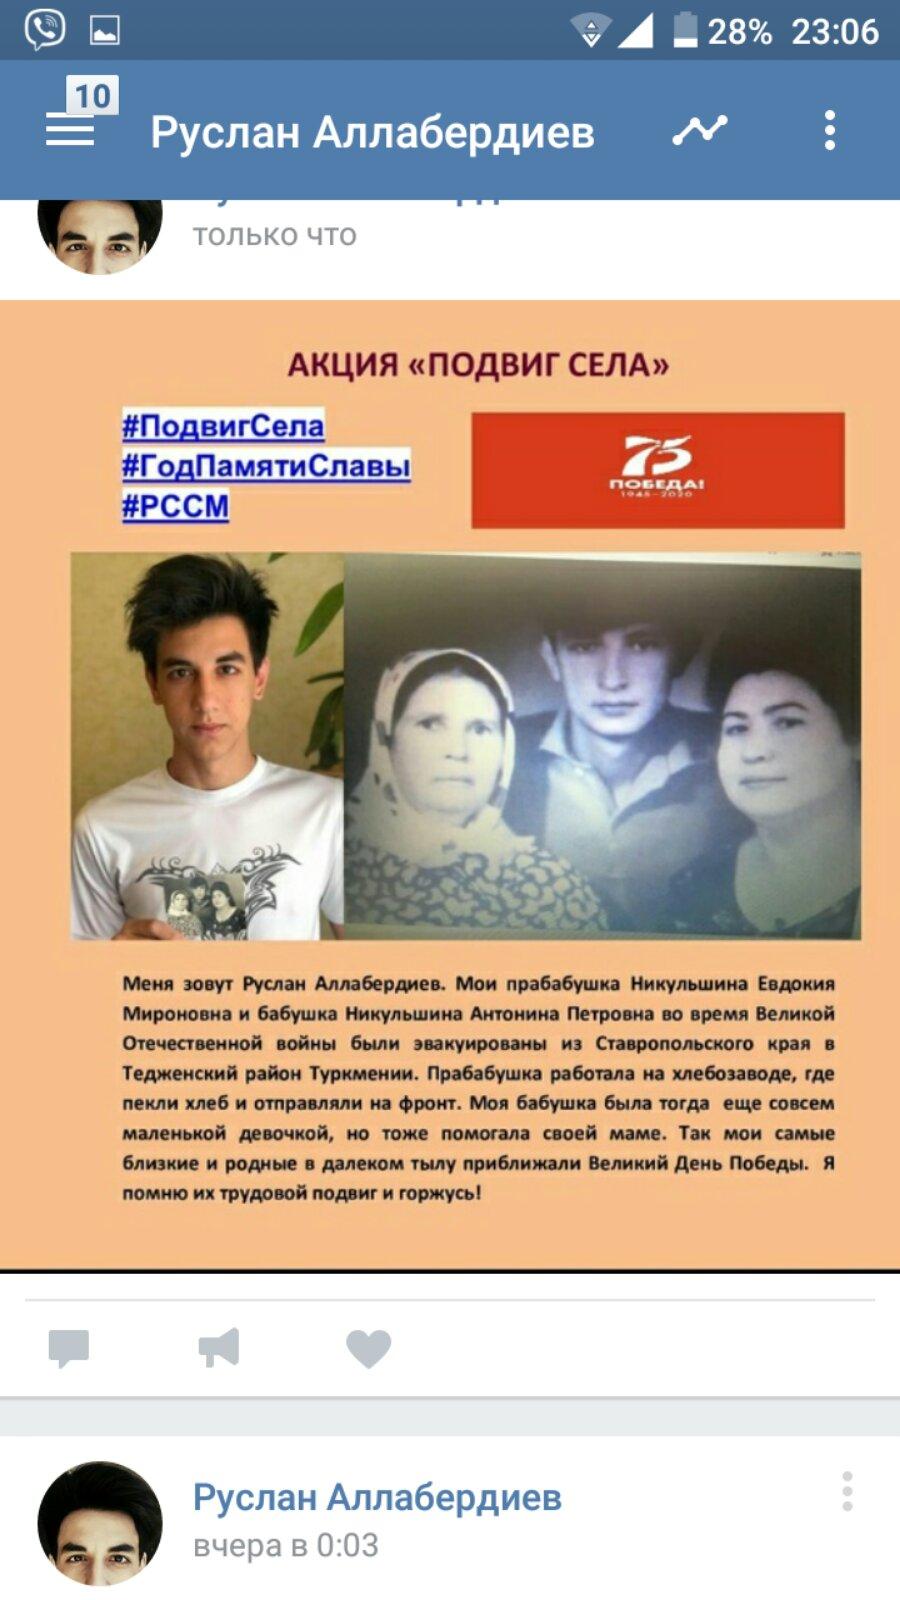 http://politehnikum-eng.ru/2020/05_28/82.jpg